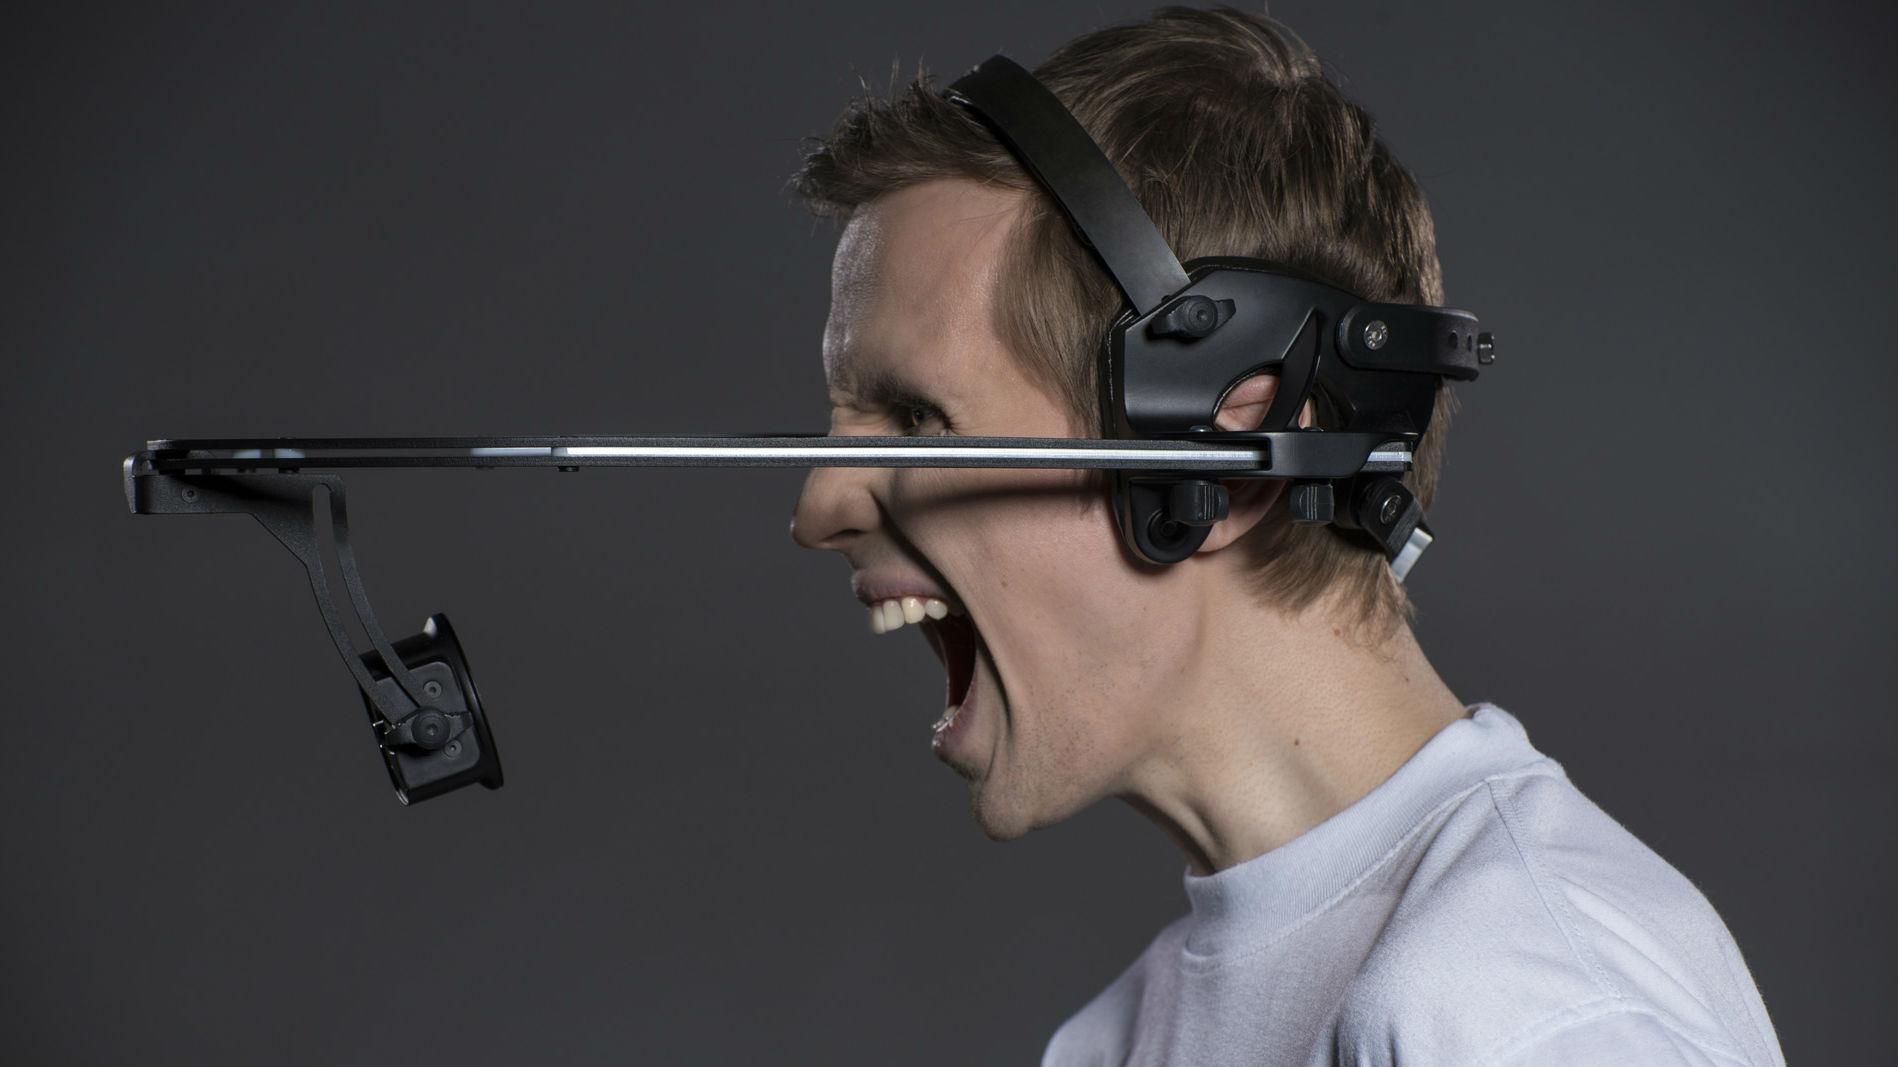 Готовое изделие позволяет осуществлять съёмку мимики человека на съёмочной площадке.